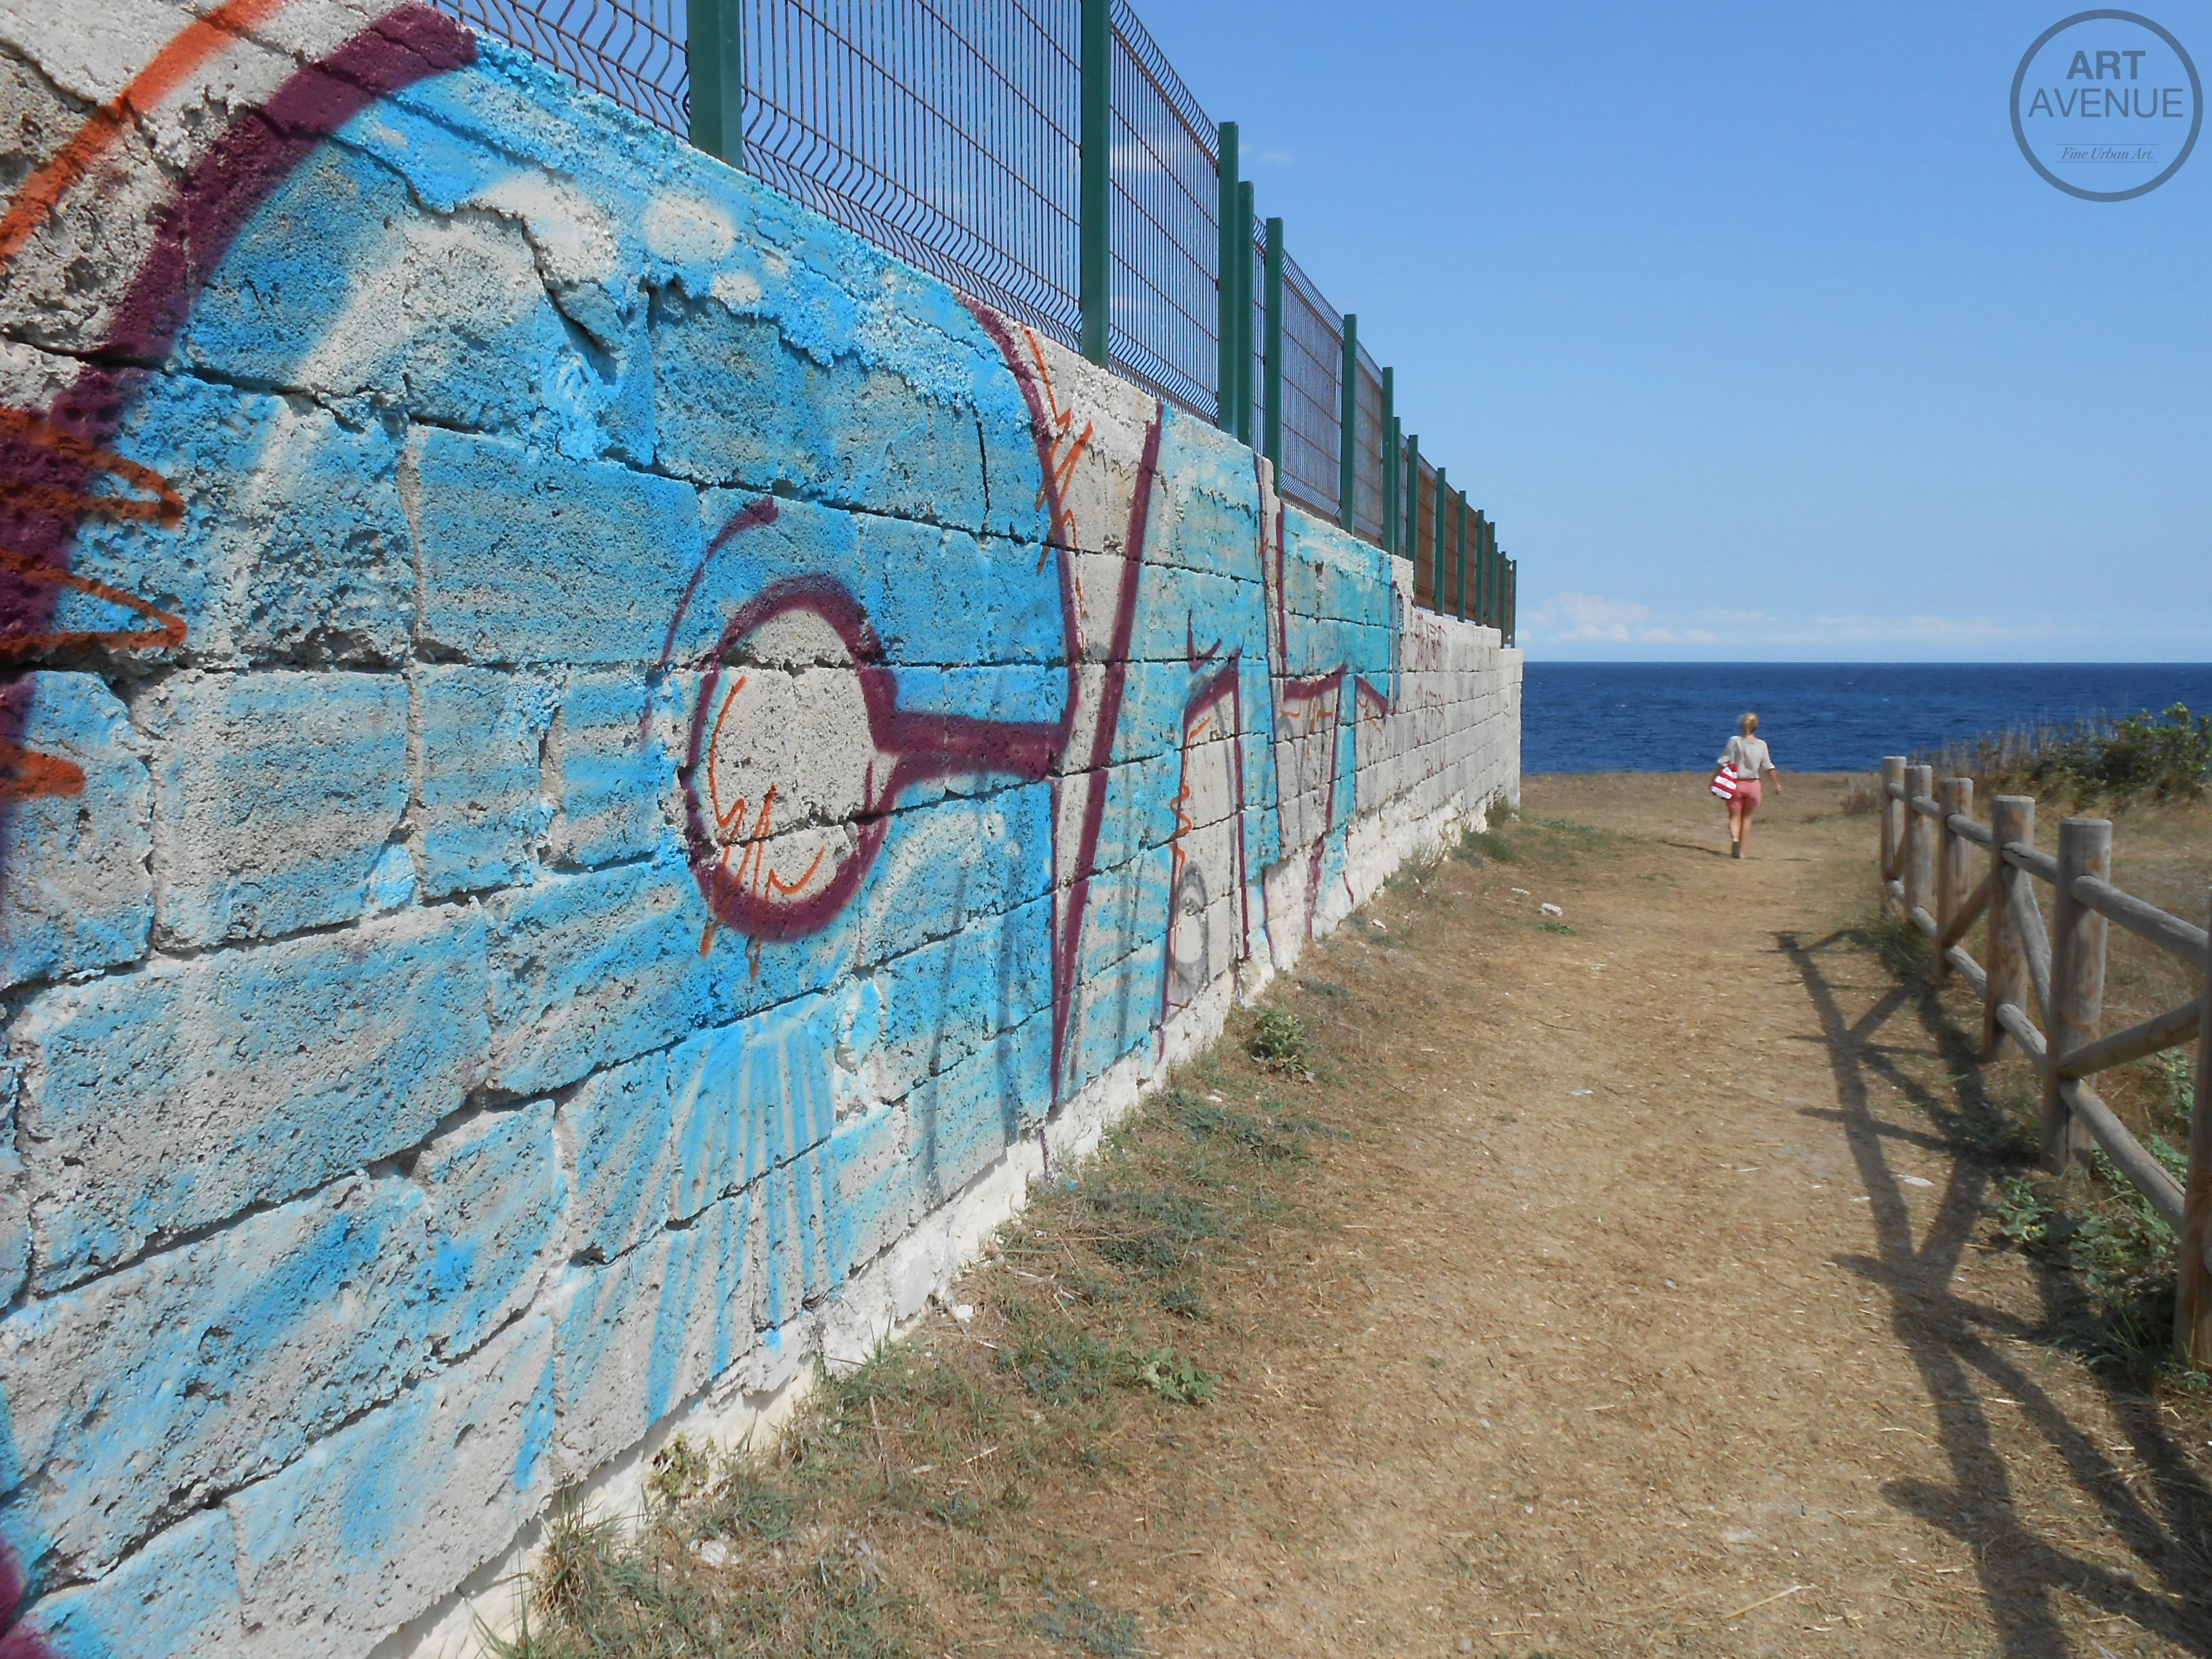 ART AVENUE Travel Report: Urban Art in Lecce and Apulia